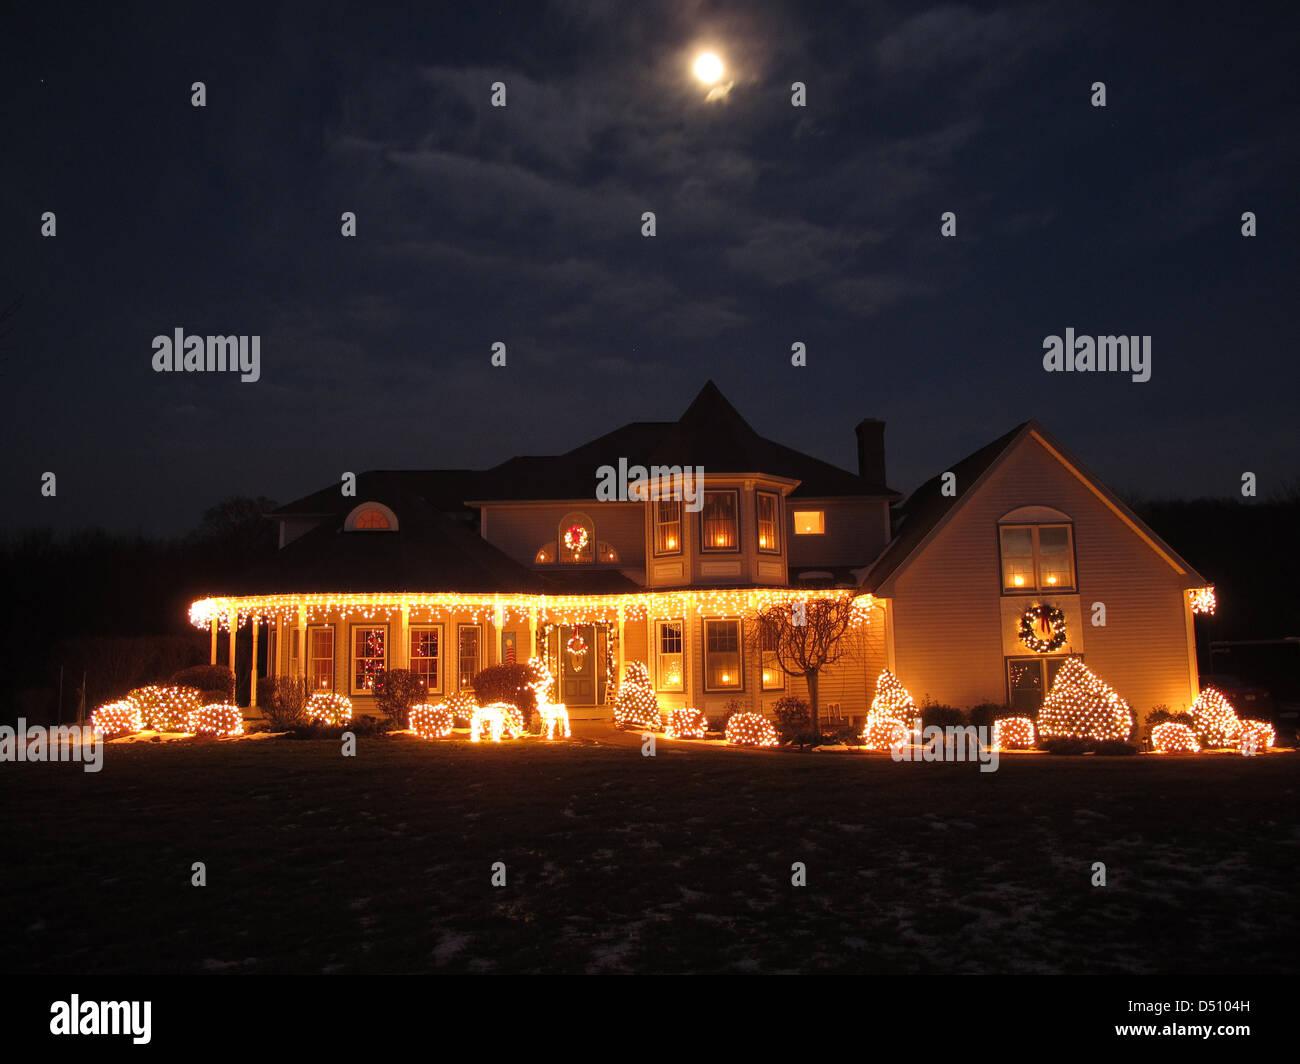 Christmas House - Stock Image